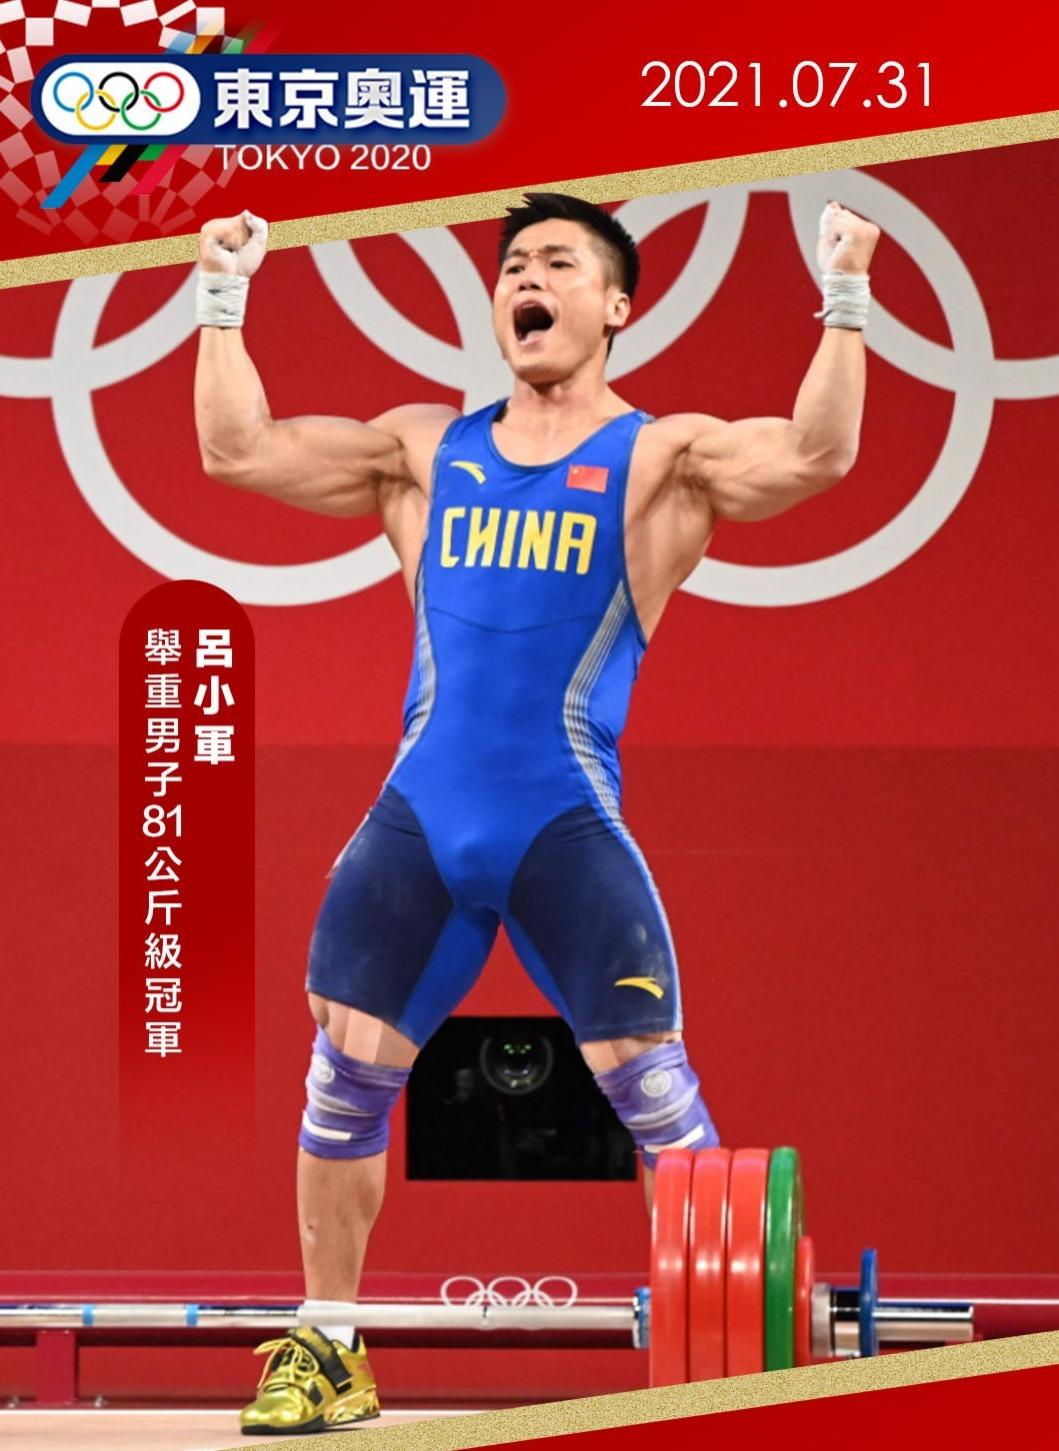 中國隊第21金!呂小軍男子81公斤級舉重奪金